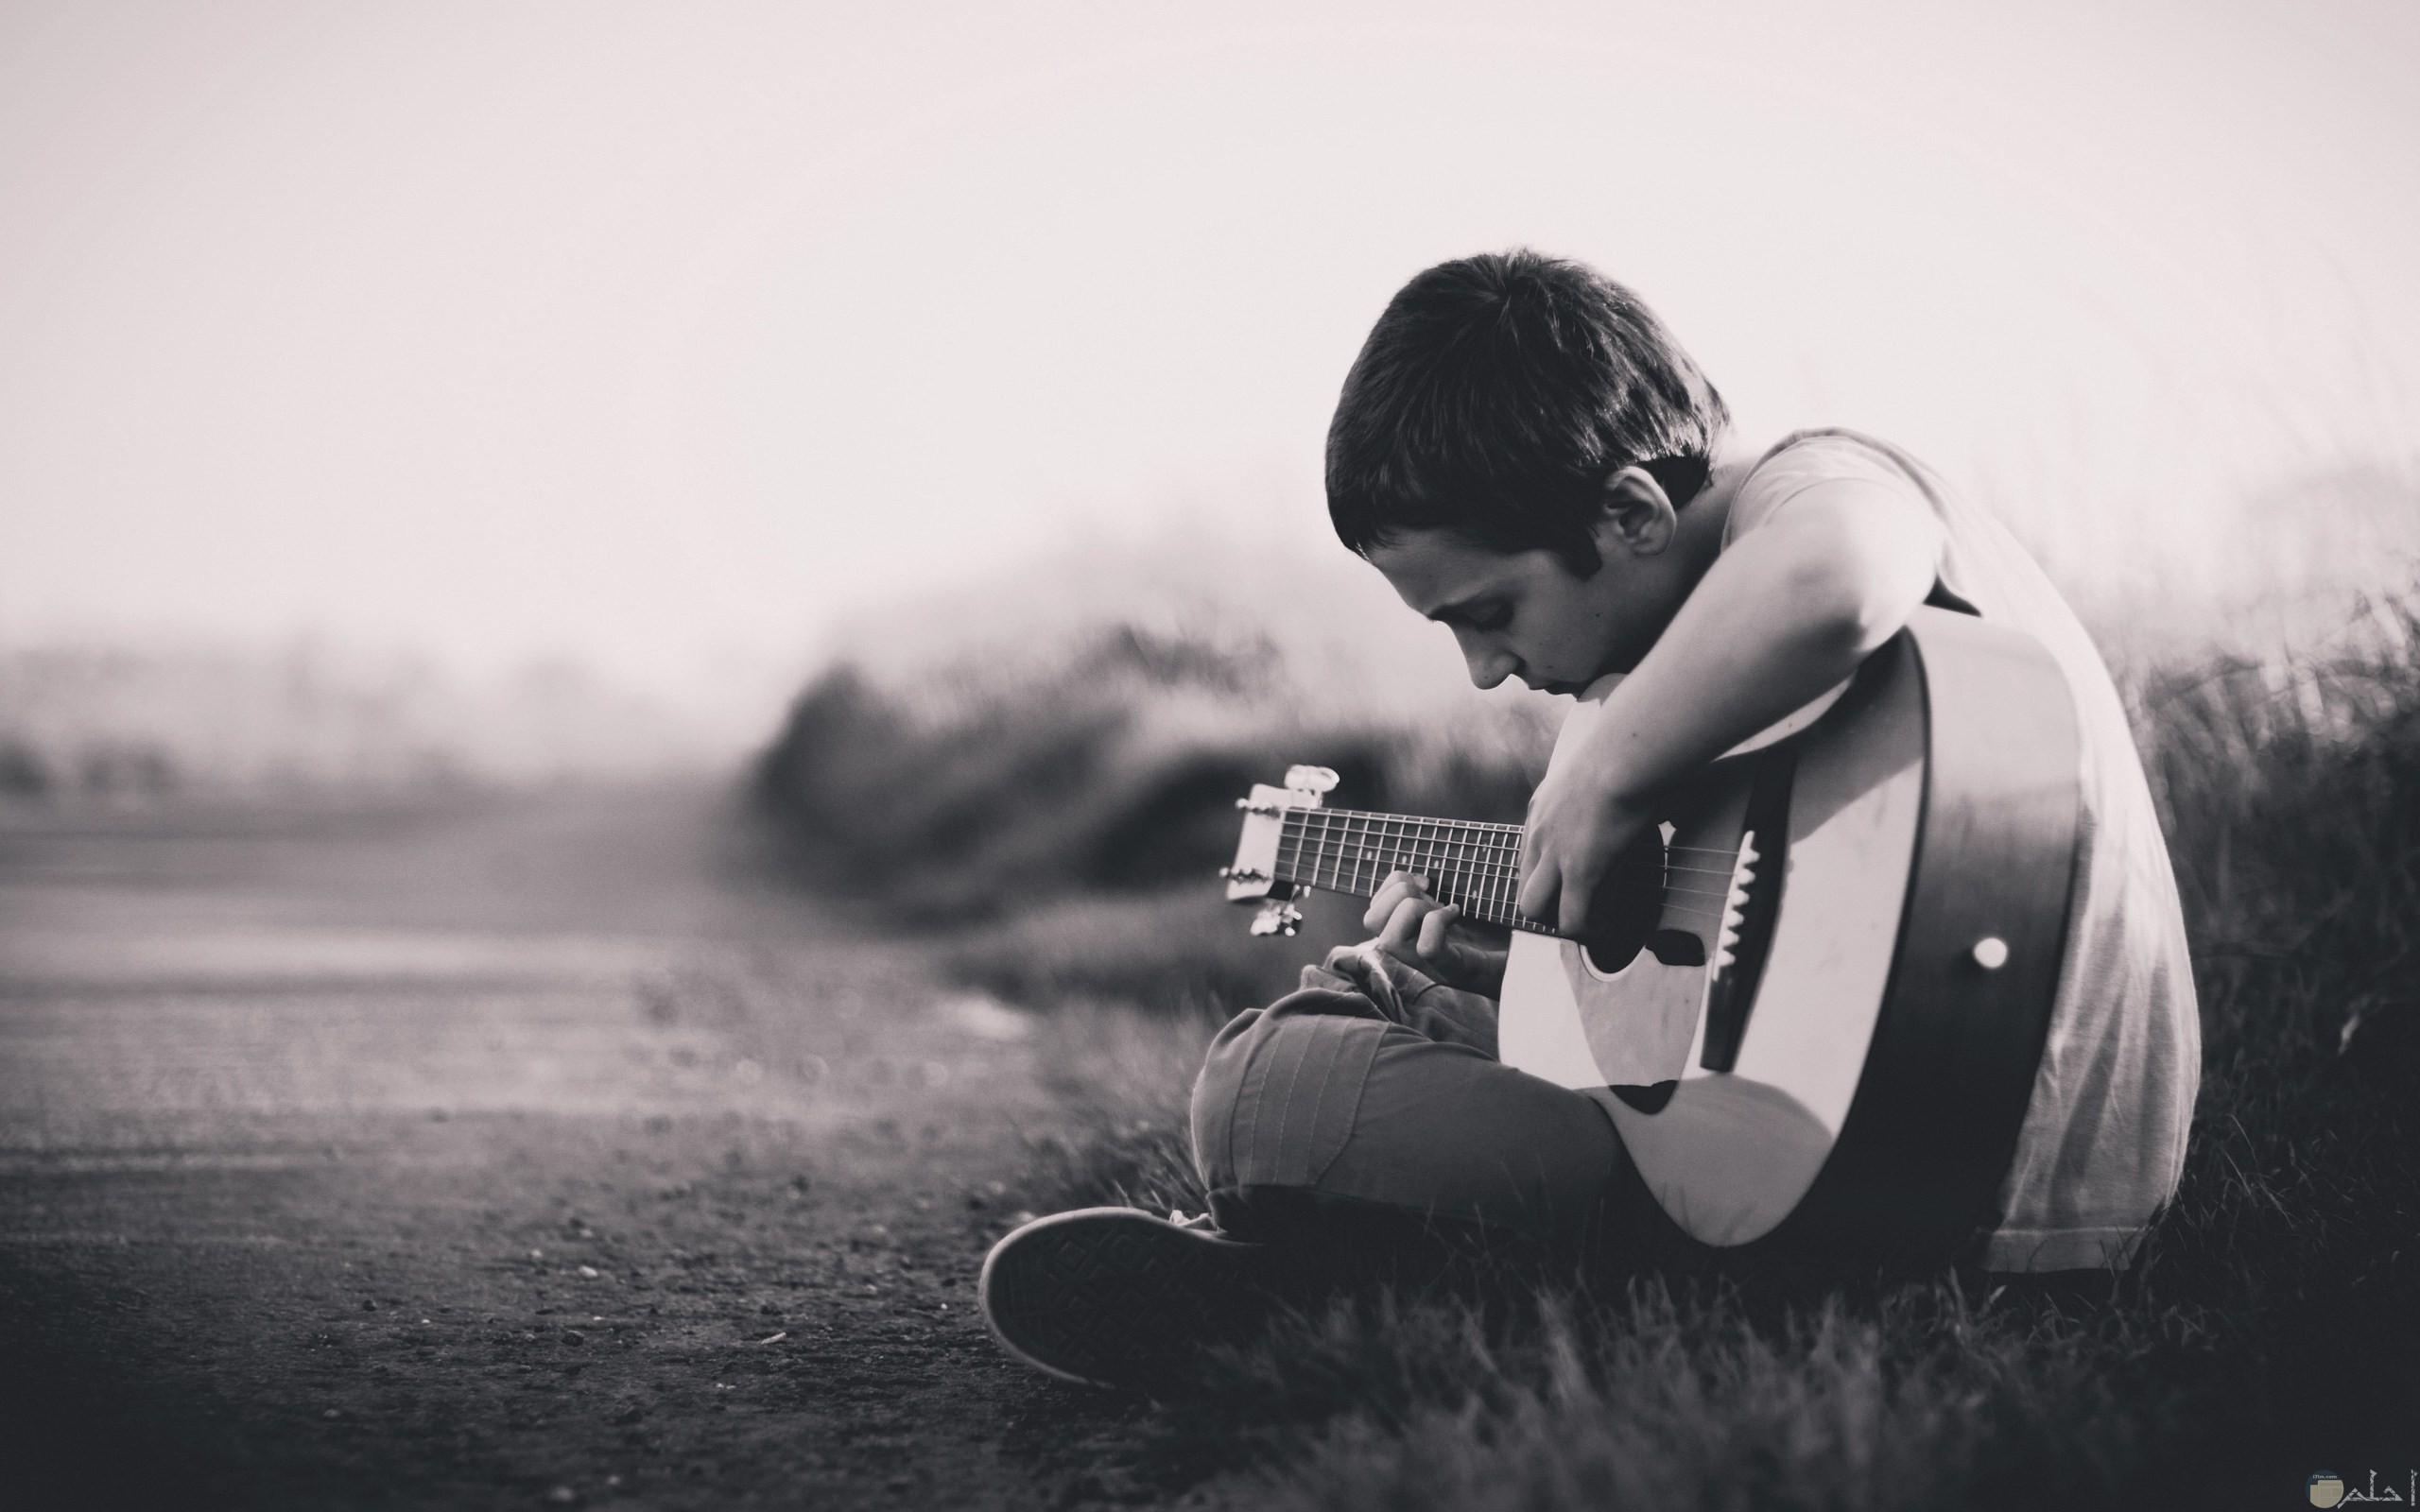 الحزن و الإنطواء و العزف على أوتار الألم.